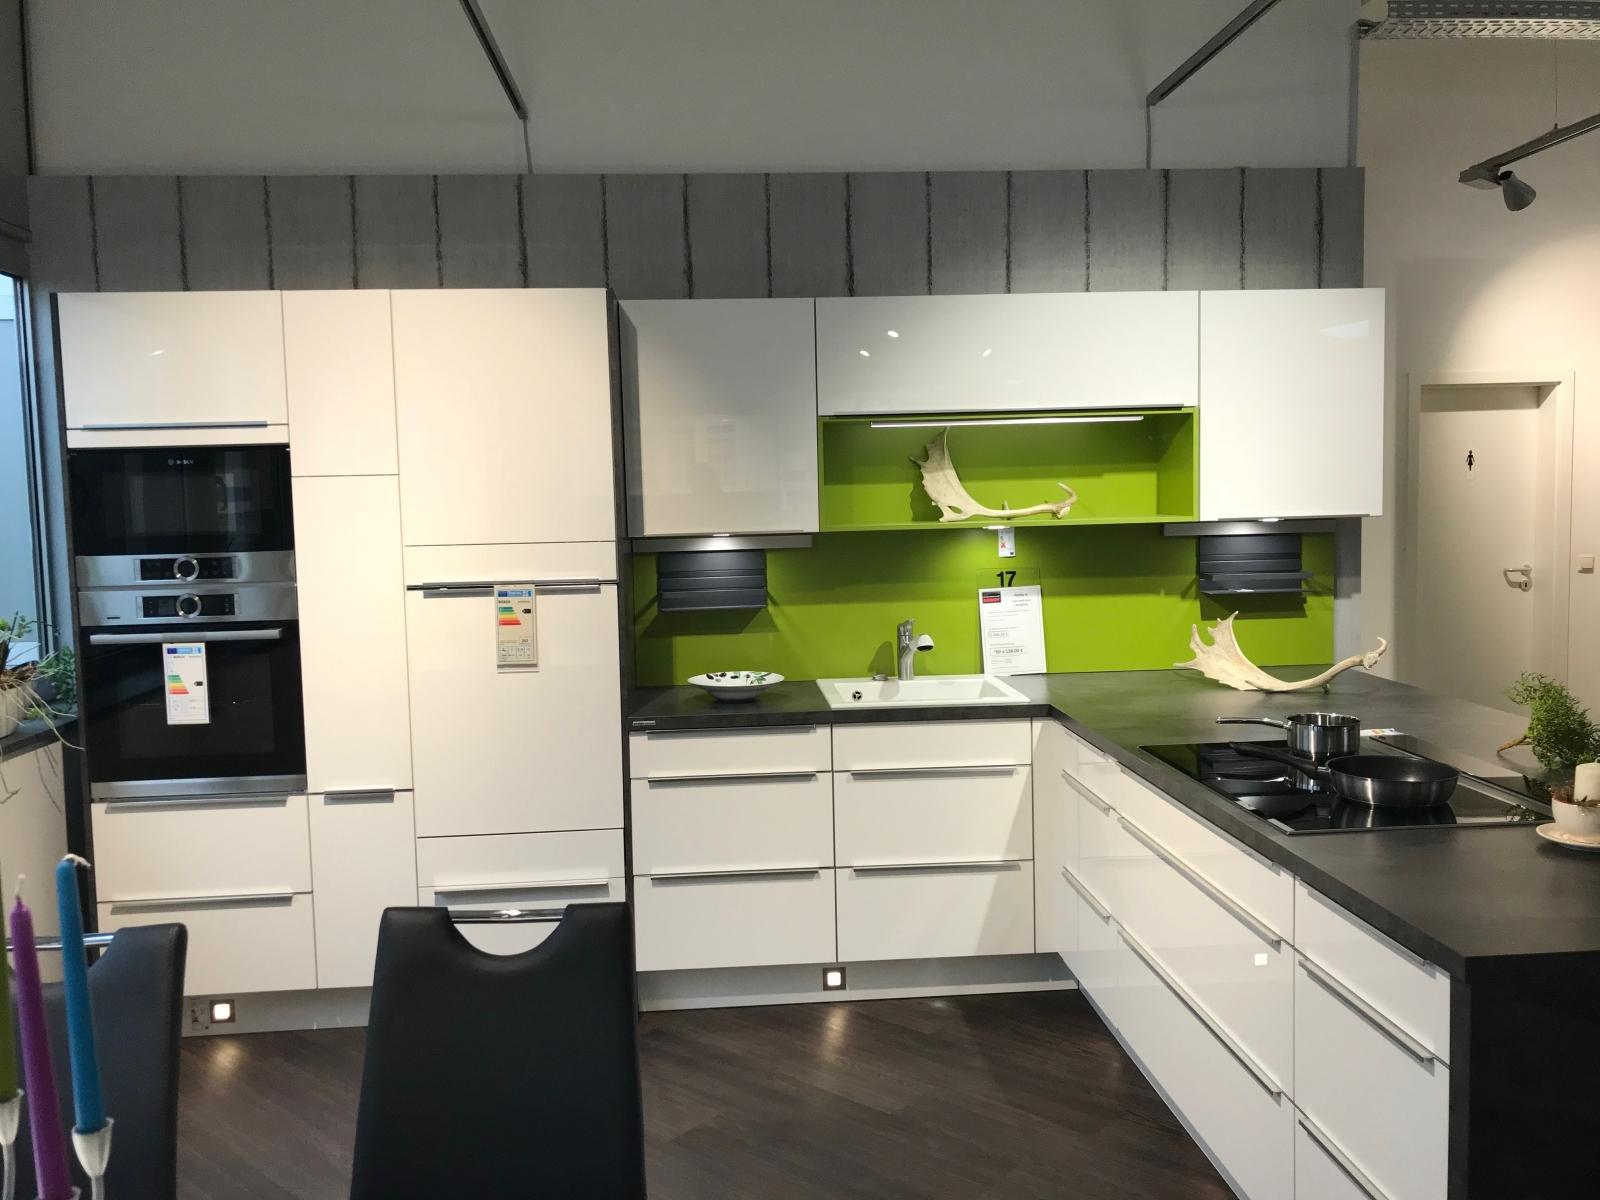 Full Size of Kochinsel Steckdose Moderne Einbaukche Mit Spiegelschrank Bad Beleuchtung Und Küche L Wohnzimmer Kochinsel Steckdose